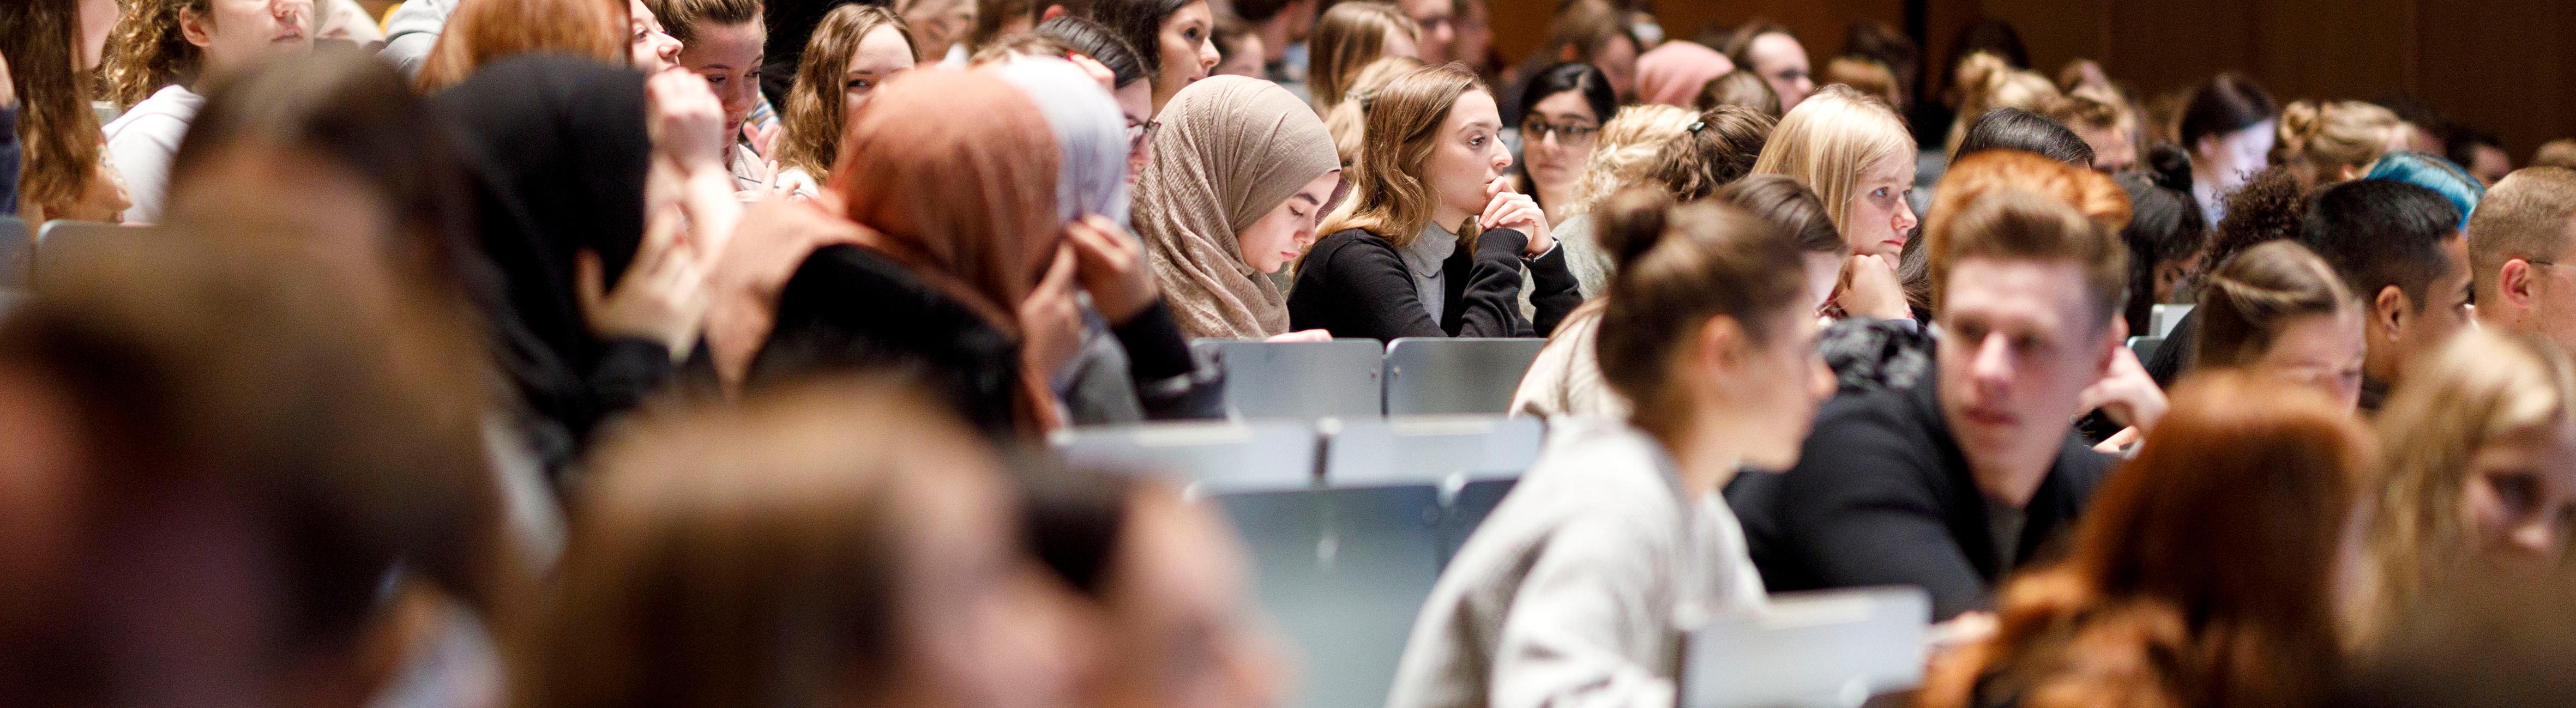 Erstsemester-Begrüßung an der Universität zu Köln.